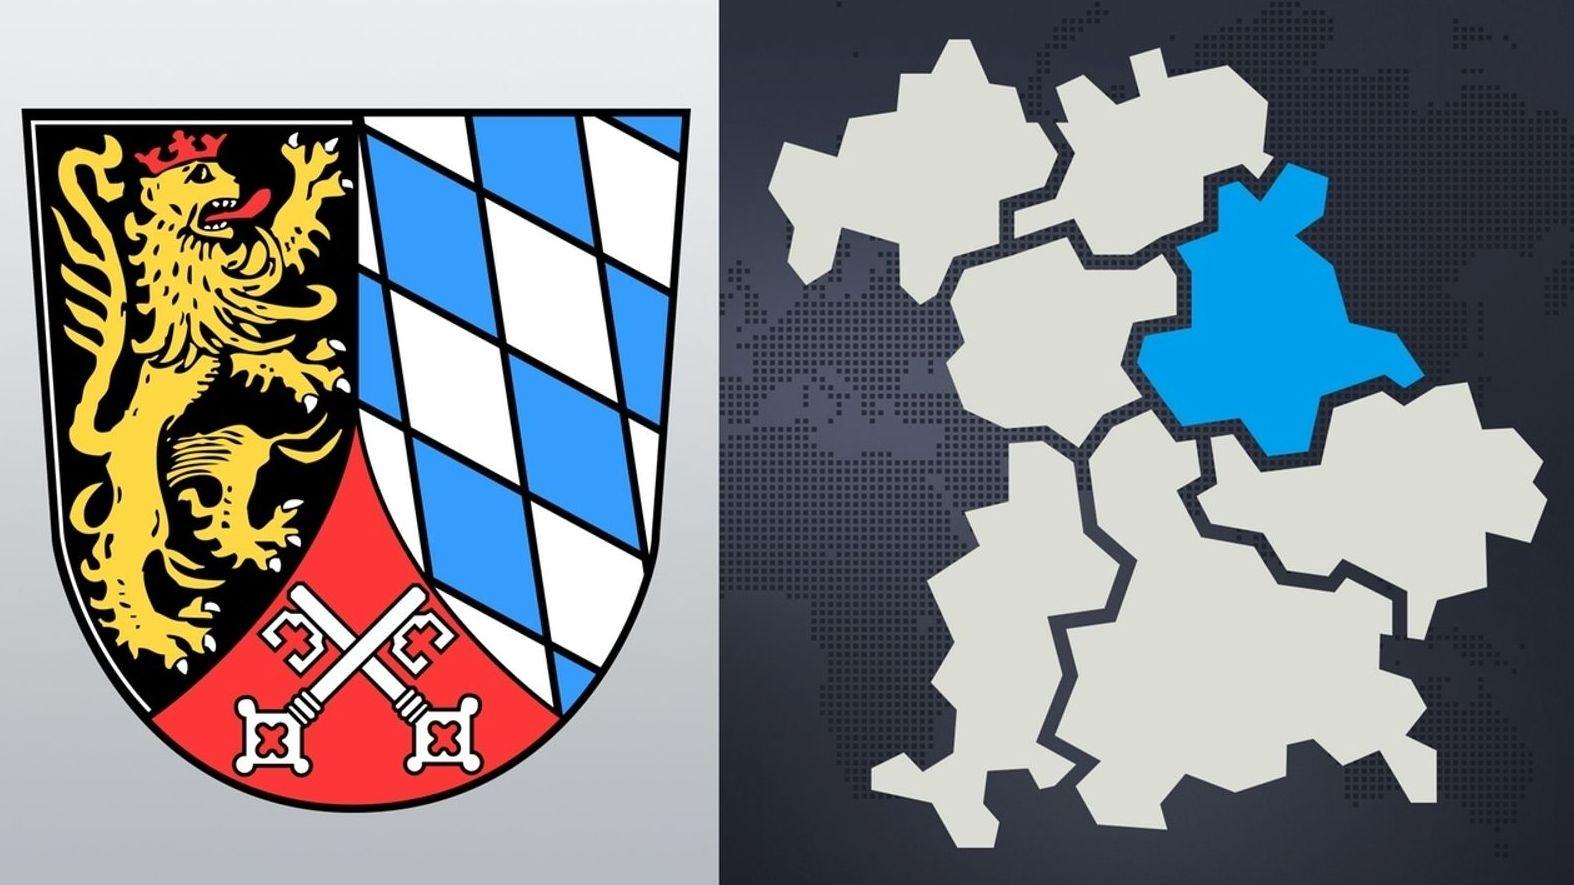 Eine Landkarte zeigt Bayern mit den sieben Regierungsbezirken, daneben das Oberpfalz-Wappen.